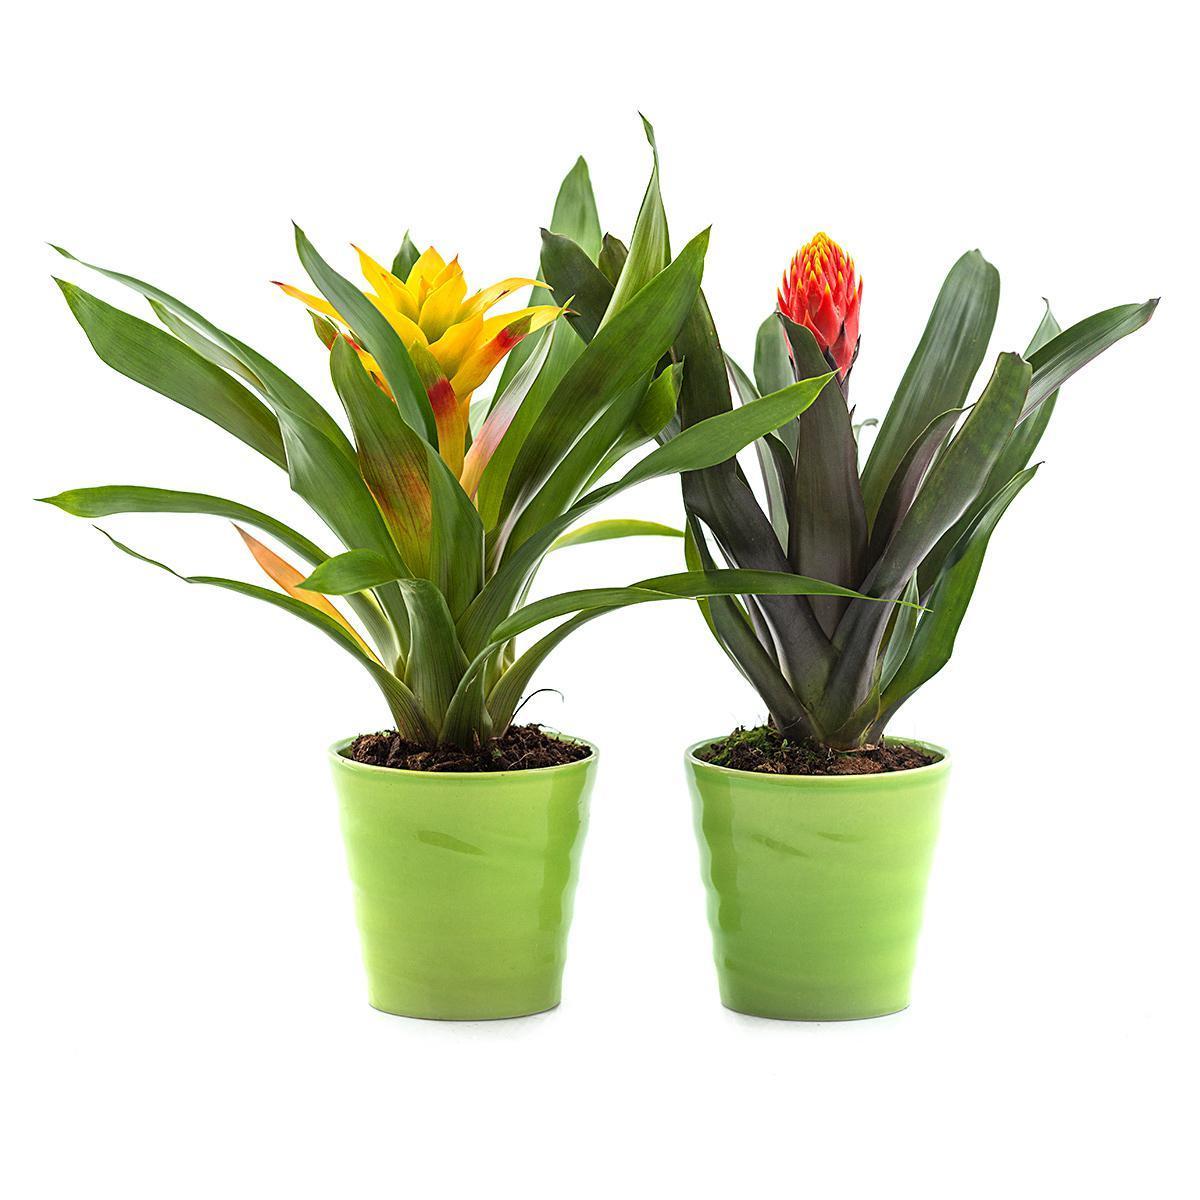 Комнатные цветы фото и названия гузмания уход бромелиевые